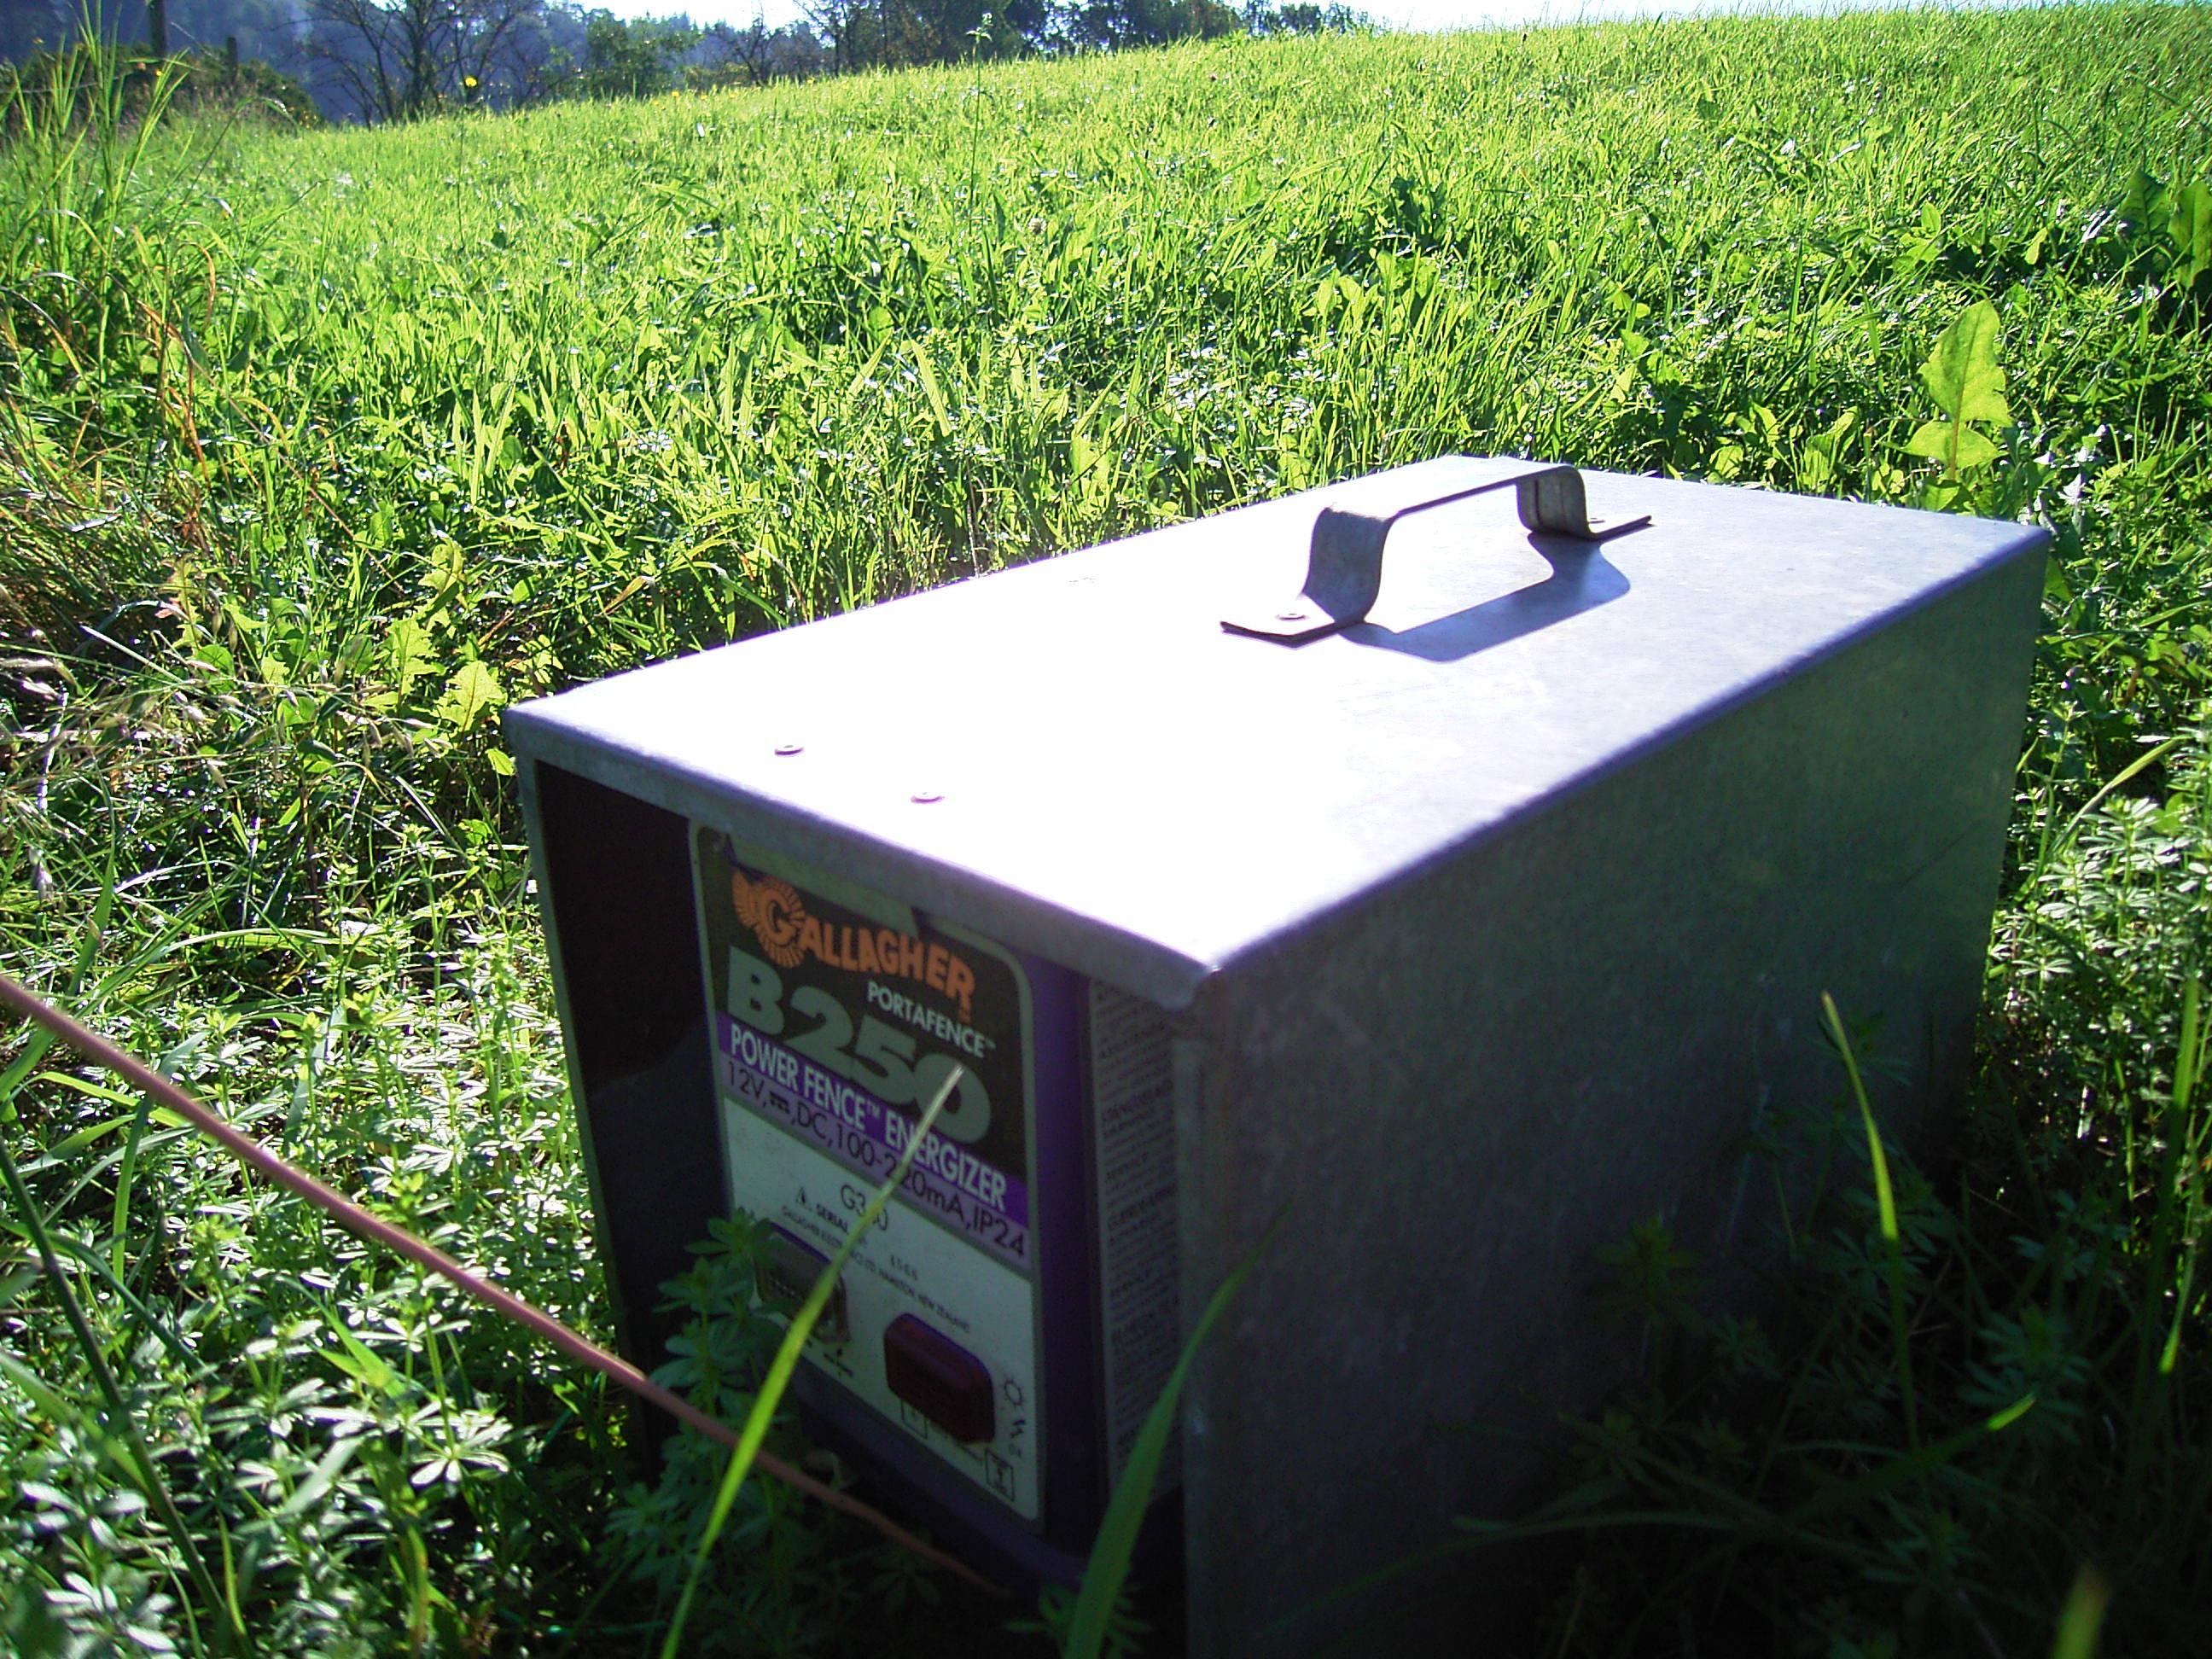 Datei:Elektrischer Weidezaun - Spannungserzeuger.jpg – Wikipedia